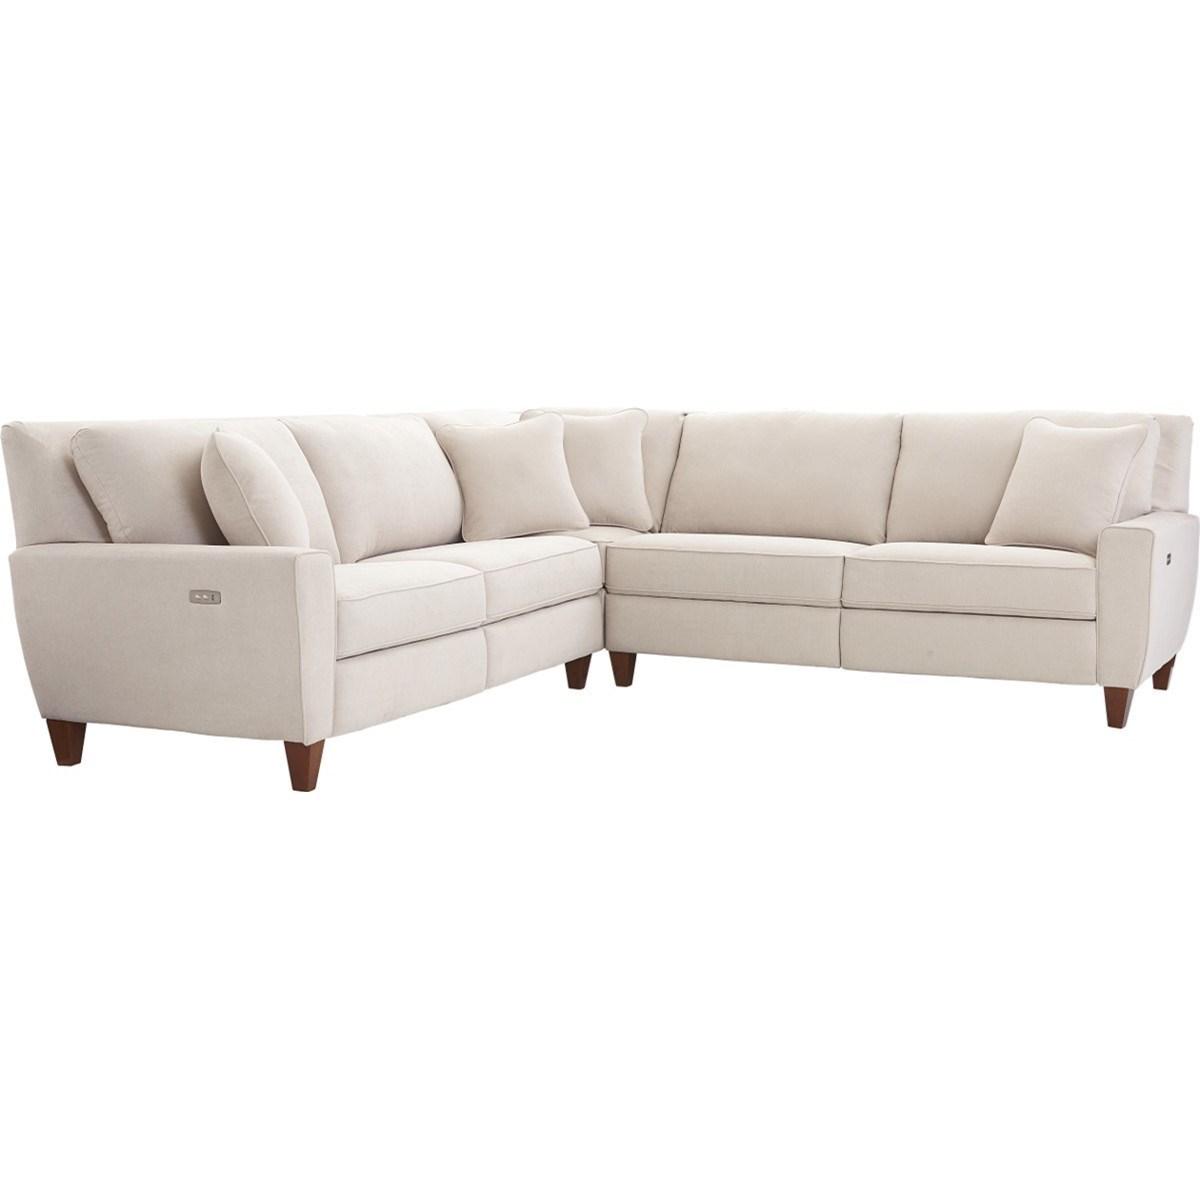 La Z Boy Edie3 Pc Reclining Sectional Sofa ...